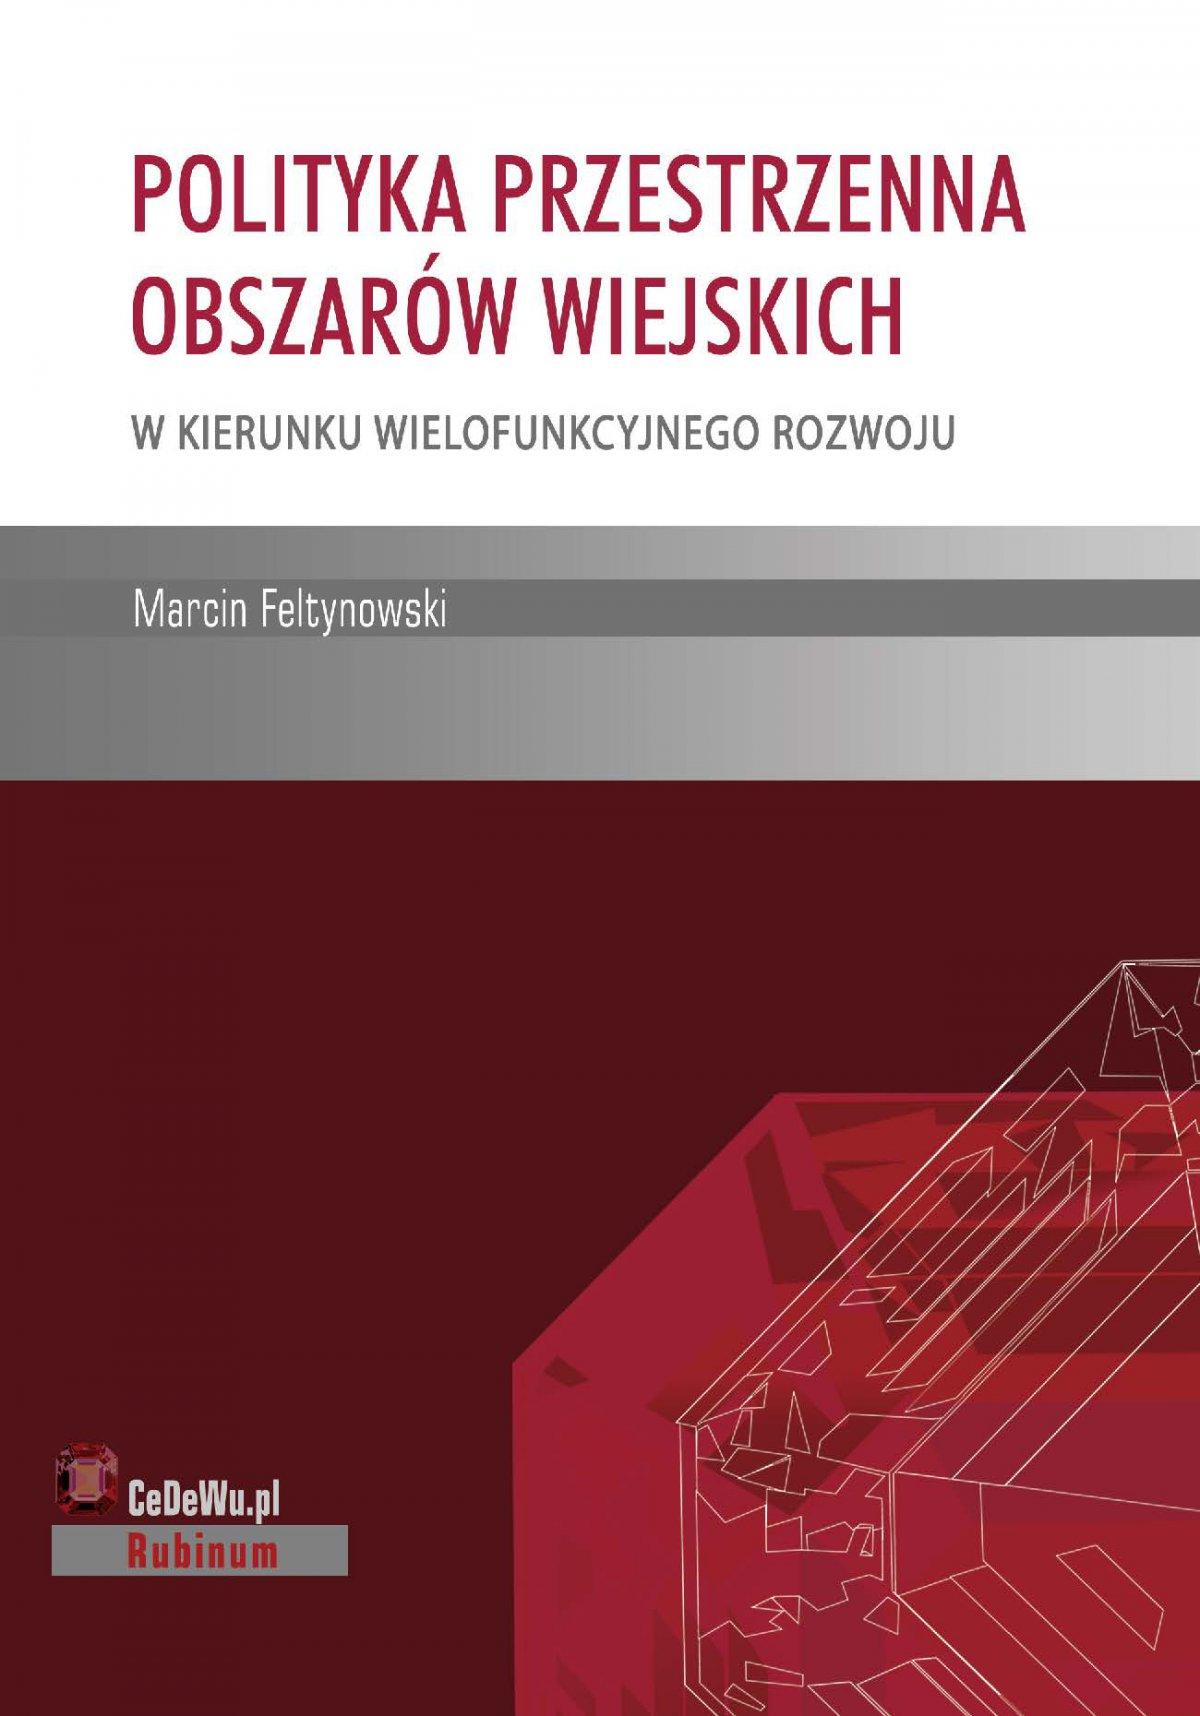 Polityka przestrzenna obszarów wiejskich – w kierunku wielofunkcyjnego rozwoju - Ebook (Książka PDF) do pobrania w formacie PDF